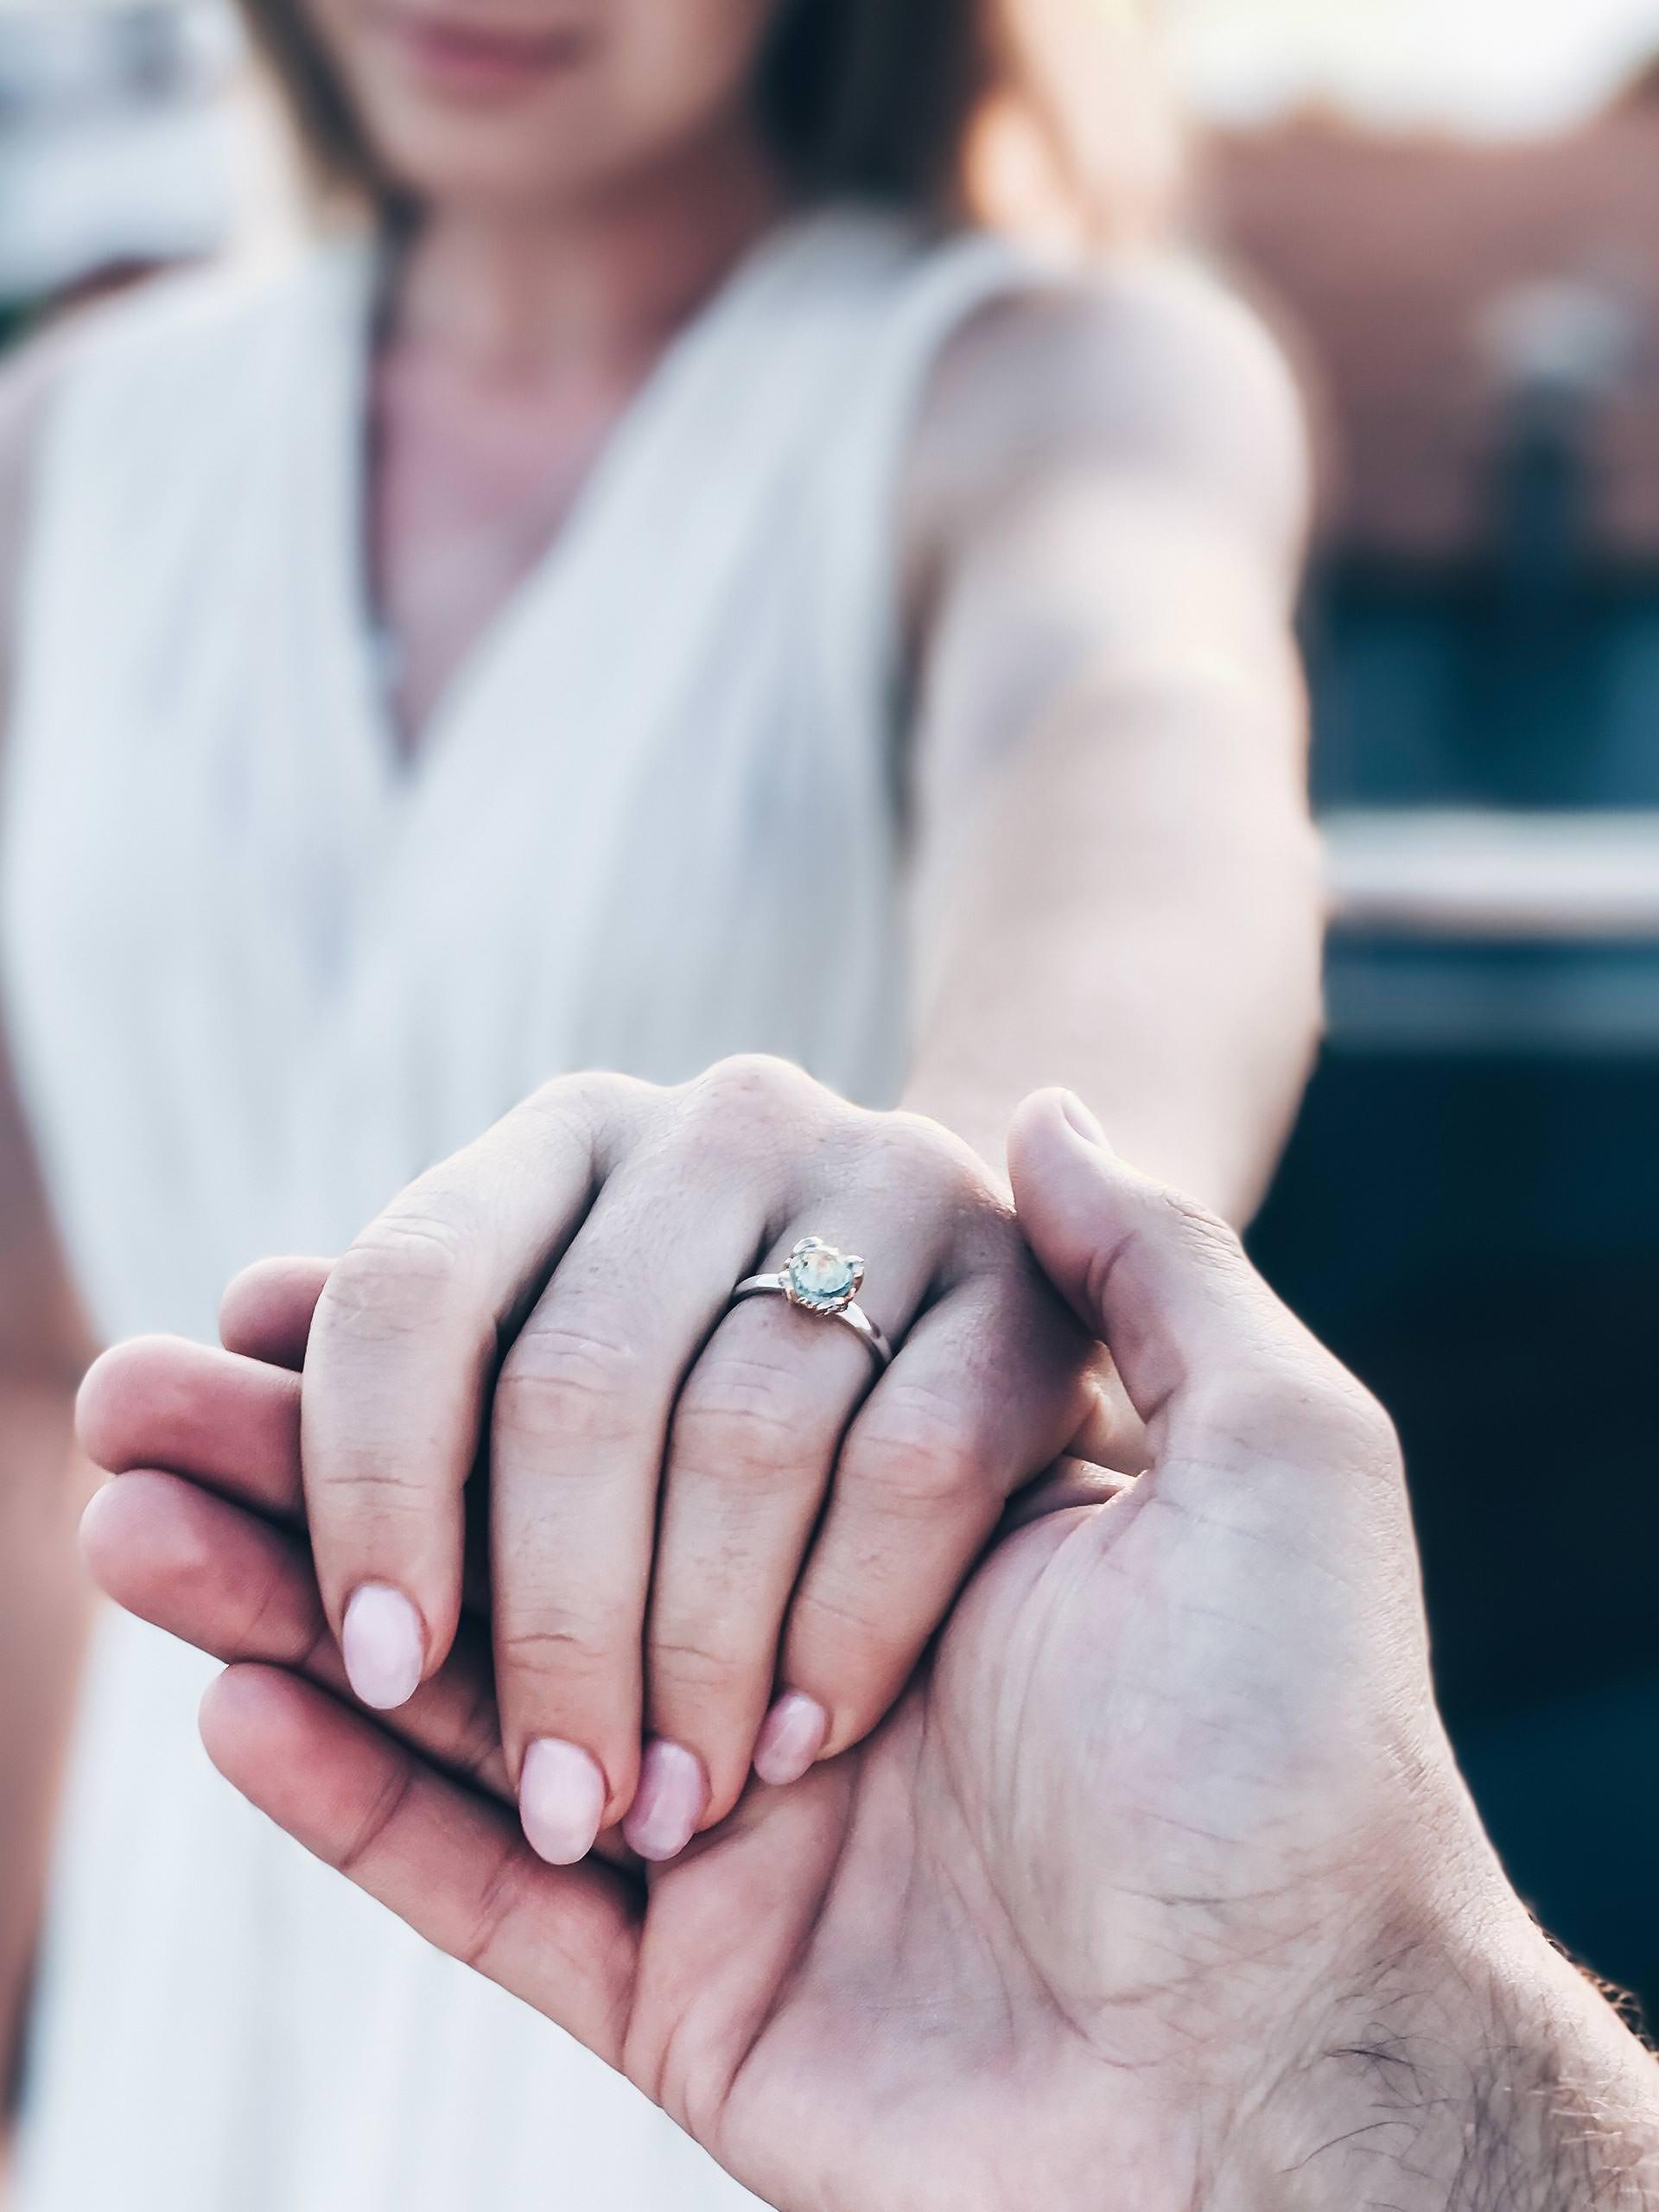 Hochzeits Kolumne, Verliebt, Verlobt, Heiratsantrag in Kroatien, Hochzeitsplanung, Hochzeitsblog, Magazin, Style Blog, www.whoismocca.com